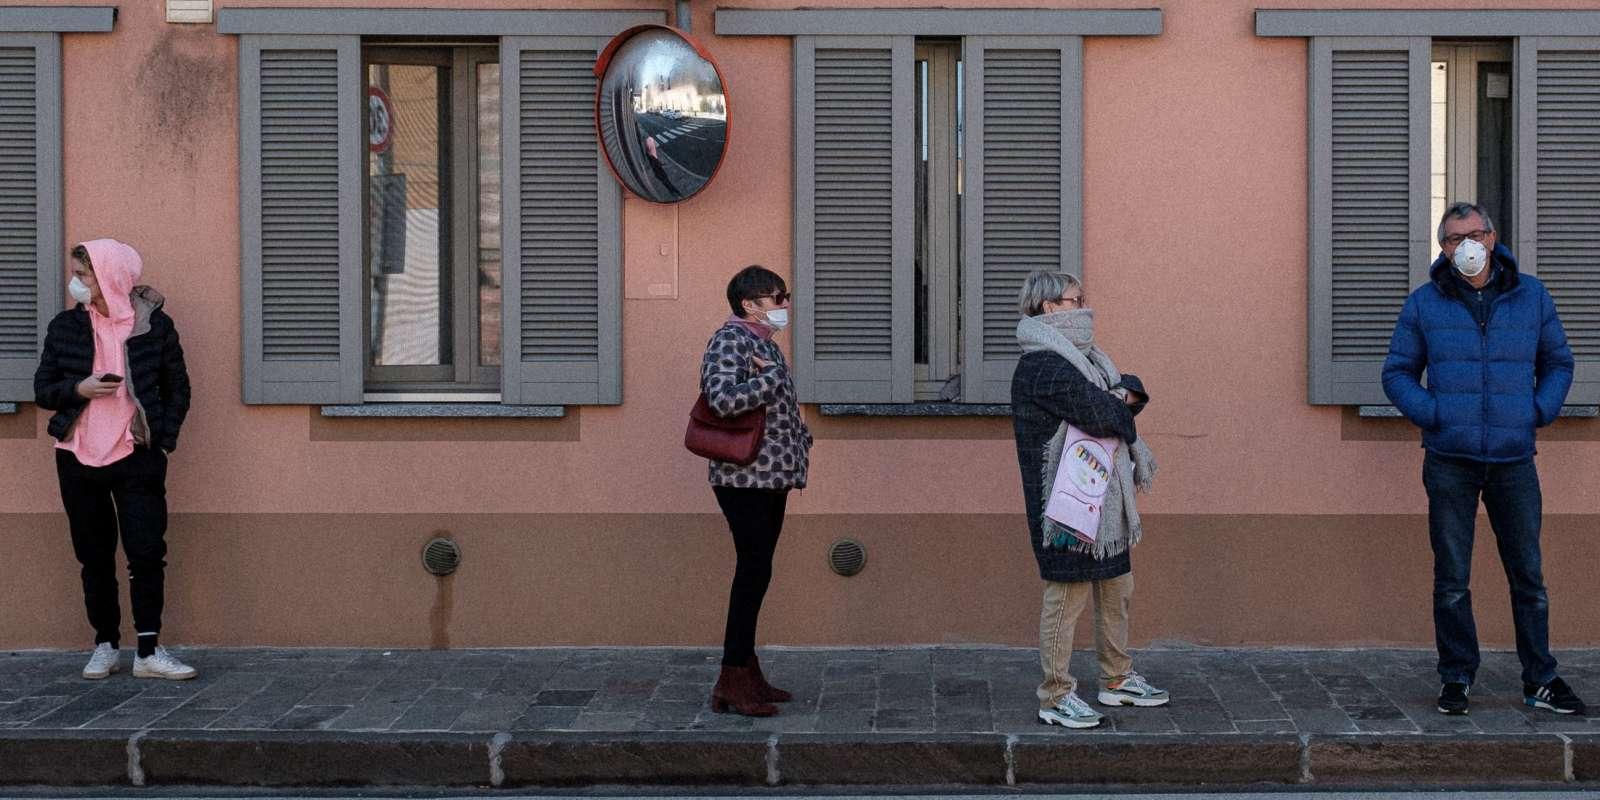 A San Fiorano, une des villes confinées en Italie, le 24 février.